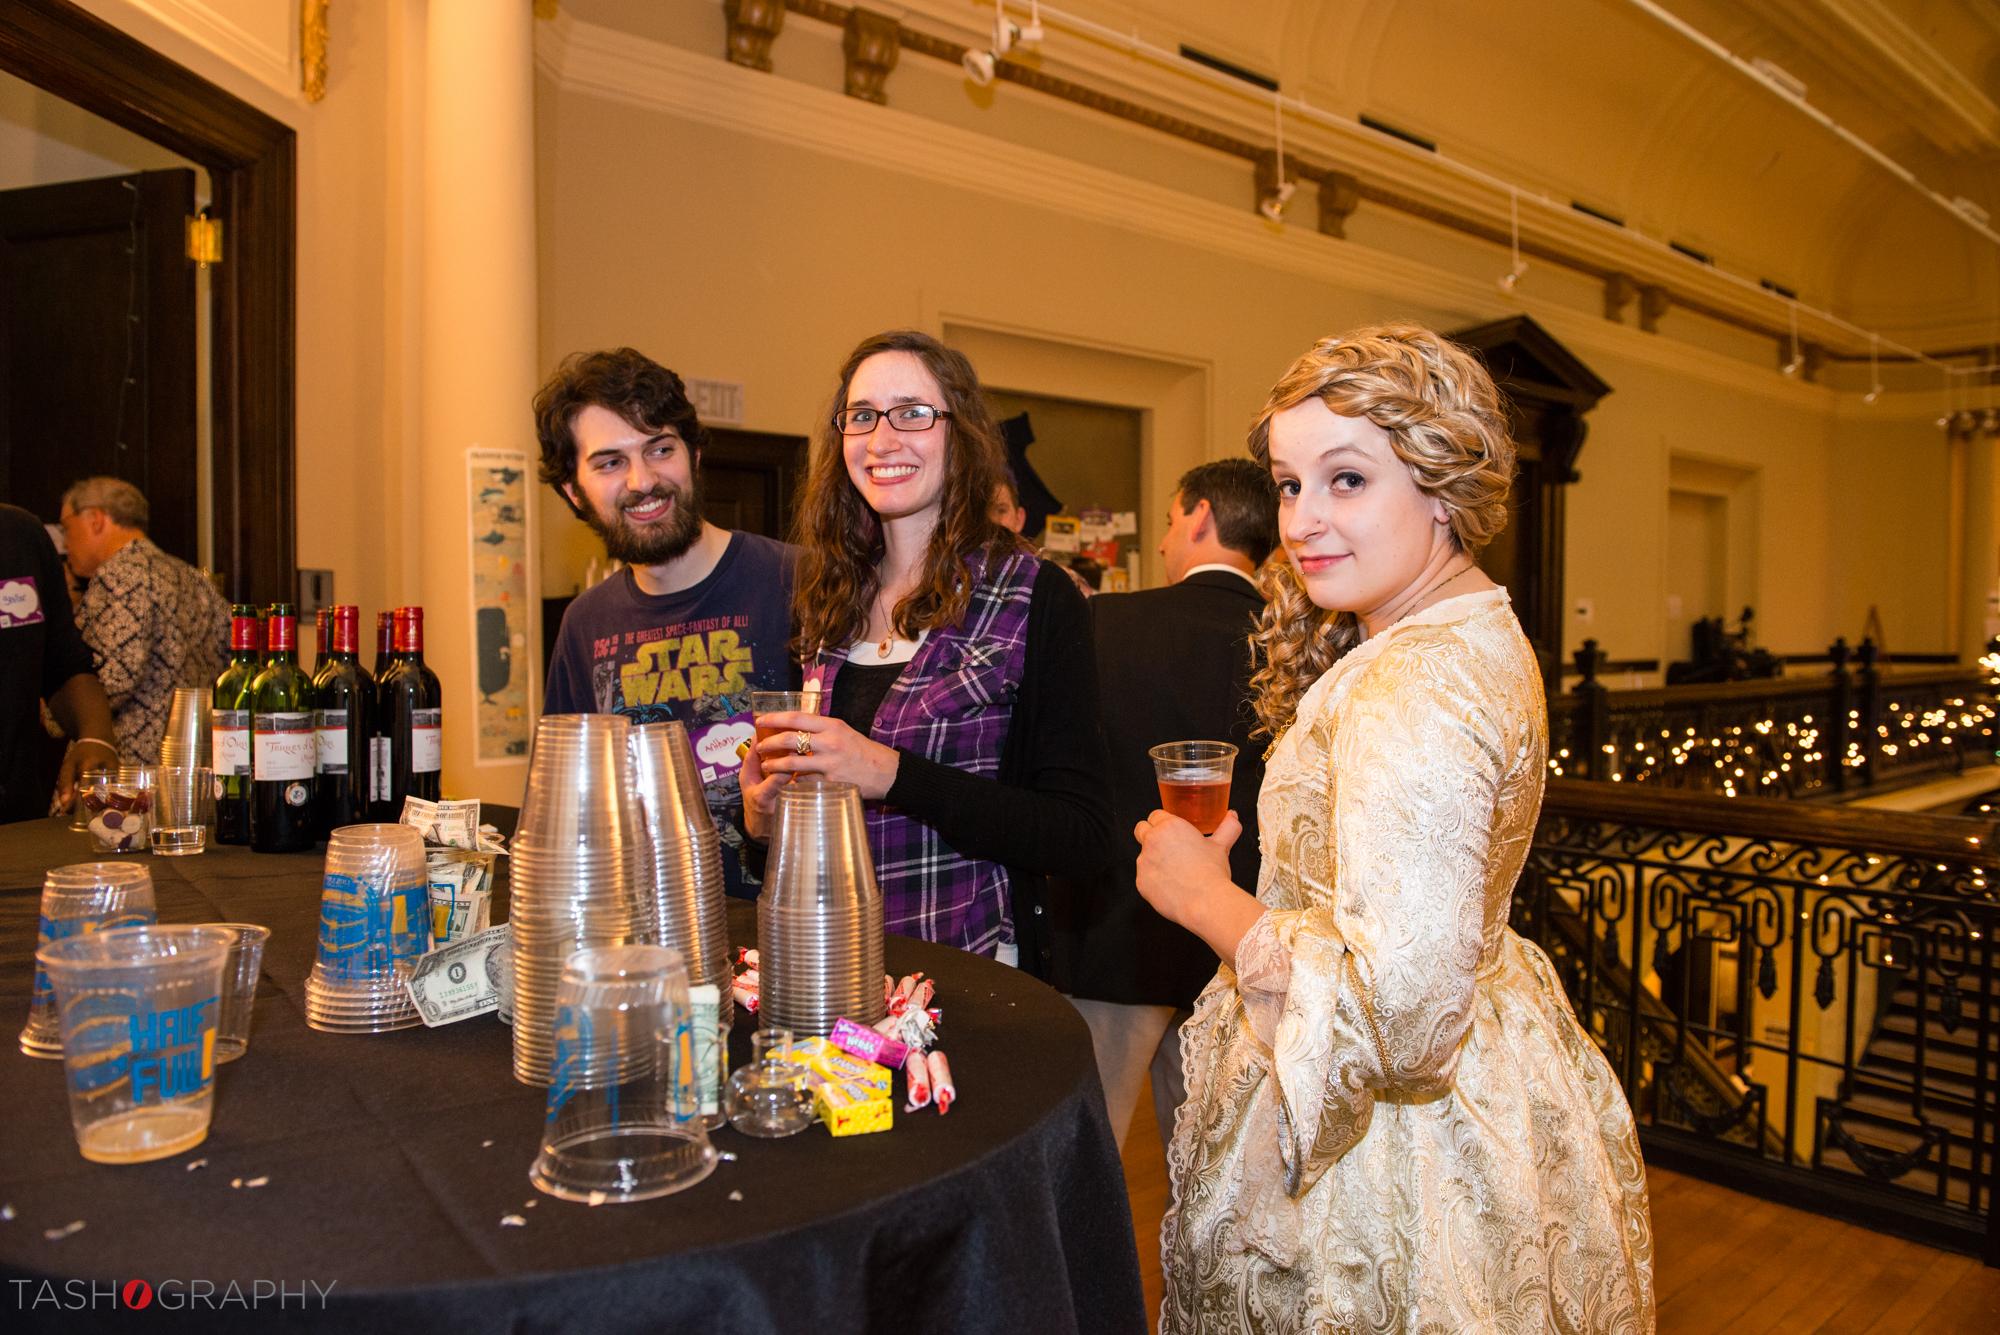 Anthony Buonadonna, Ashley Ransom, and Amanda Emanuele